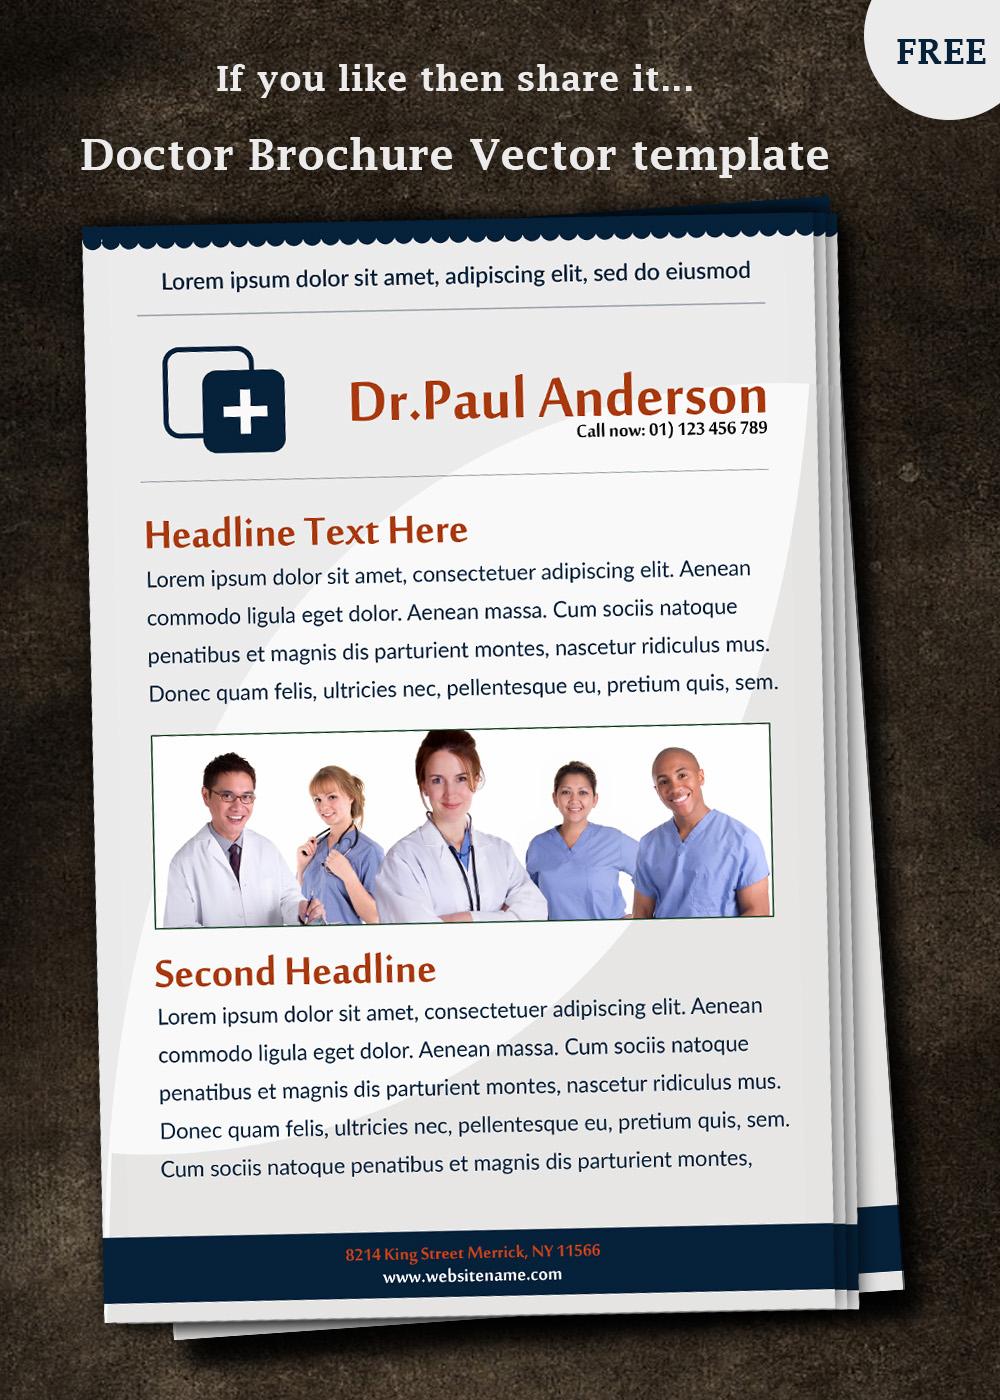 free doctor brochure template. Black Bedroom Furniture Sets. Home Design Ideas